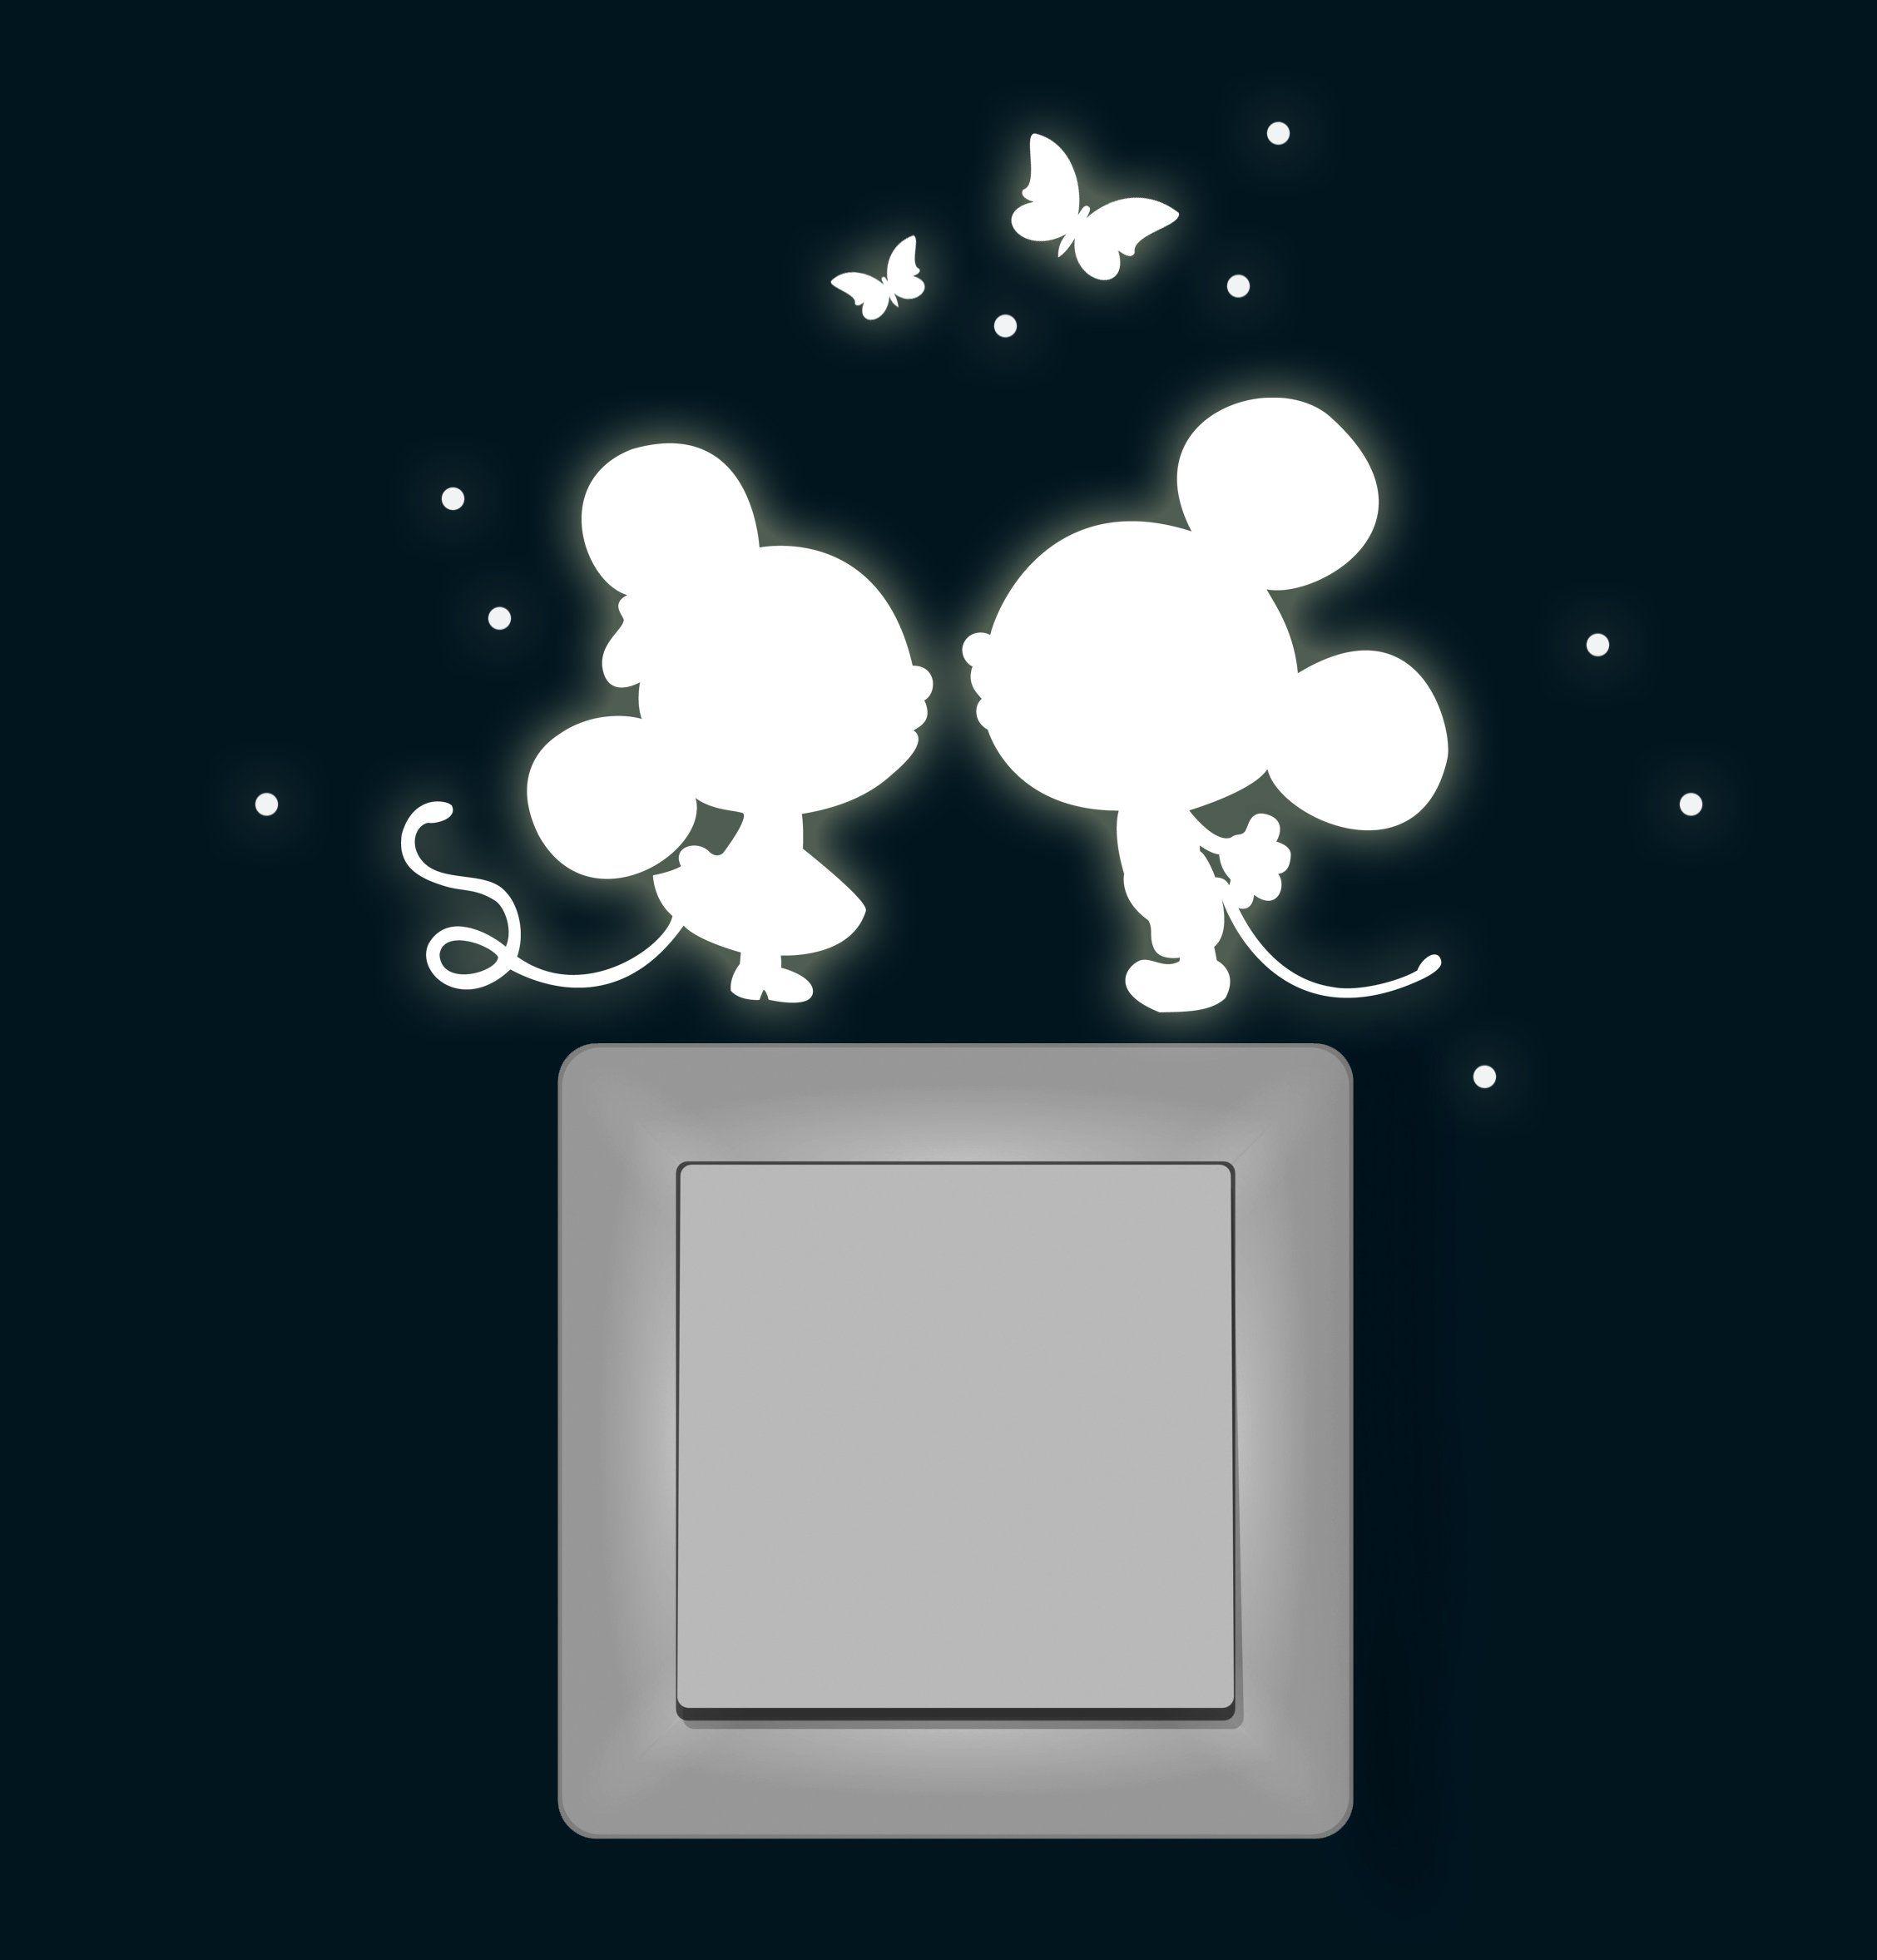 Luxury Wandtattoo Lichtschalter Leuchtsticker Maus M use mit Schmetterlinge und Punkten fluoreszierend nachtleuchtend Wandsticker Wandaufkleber M